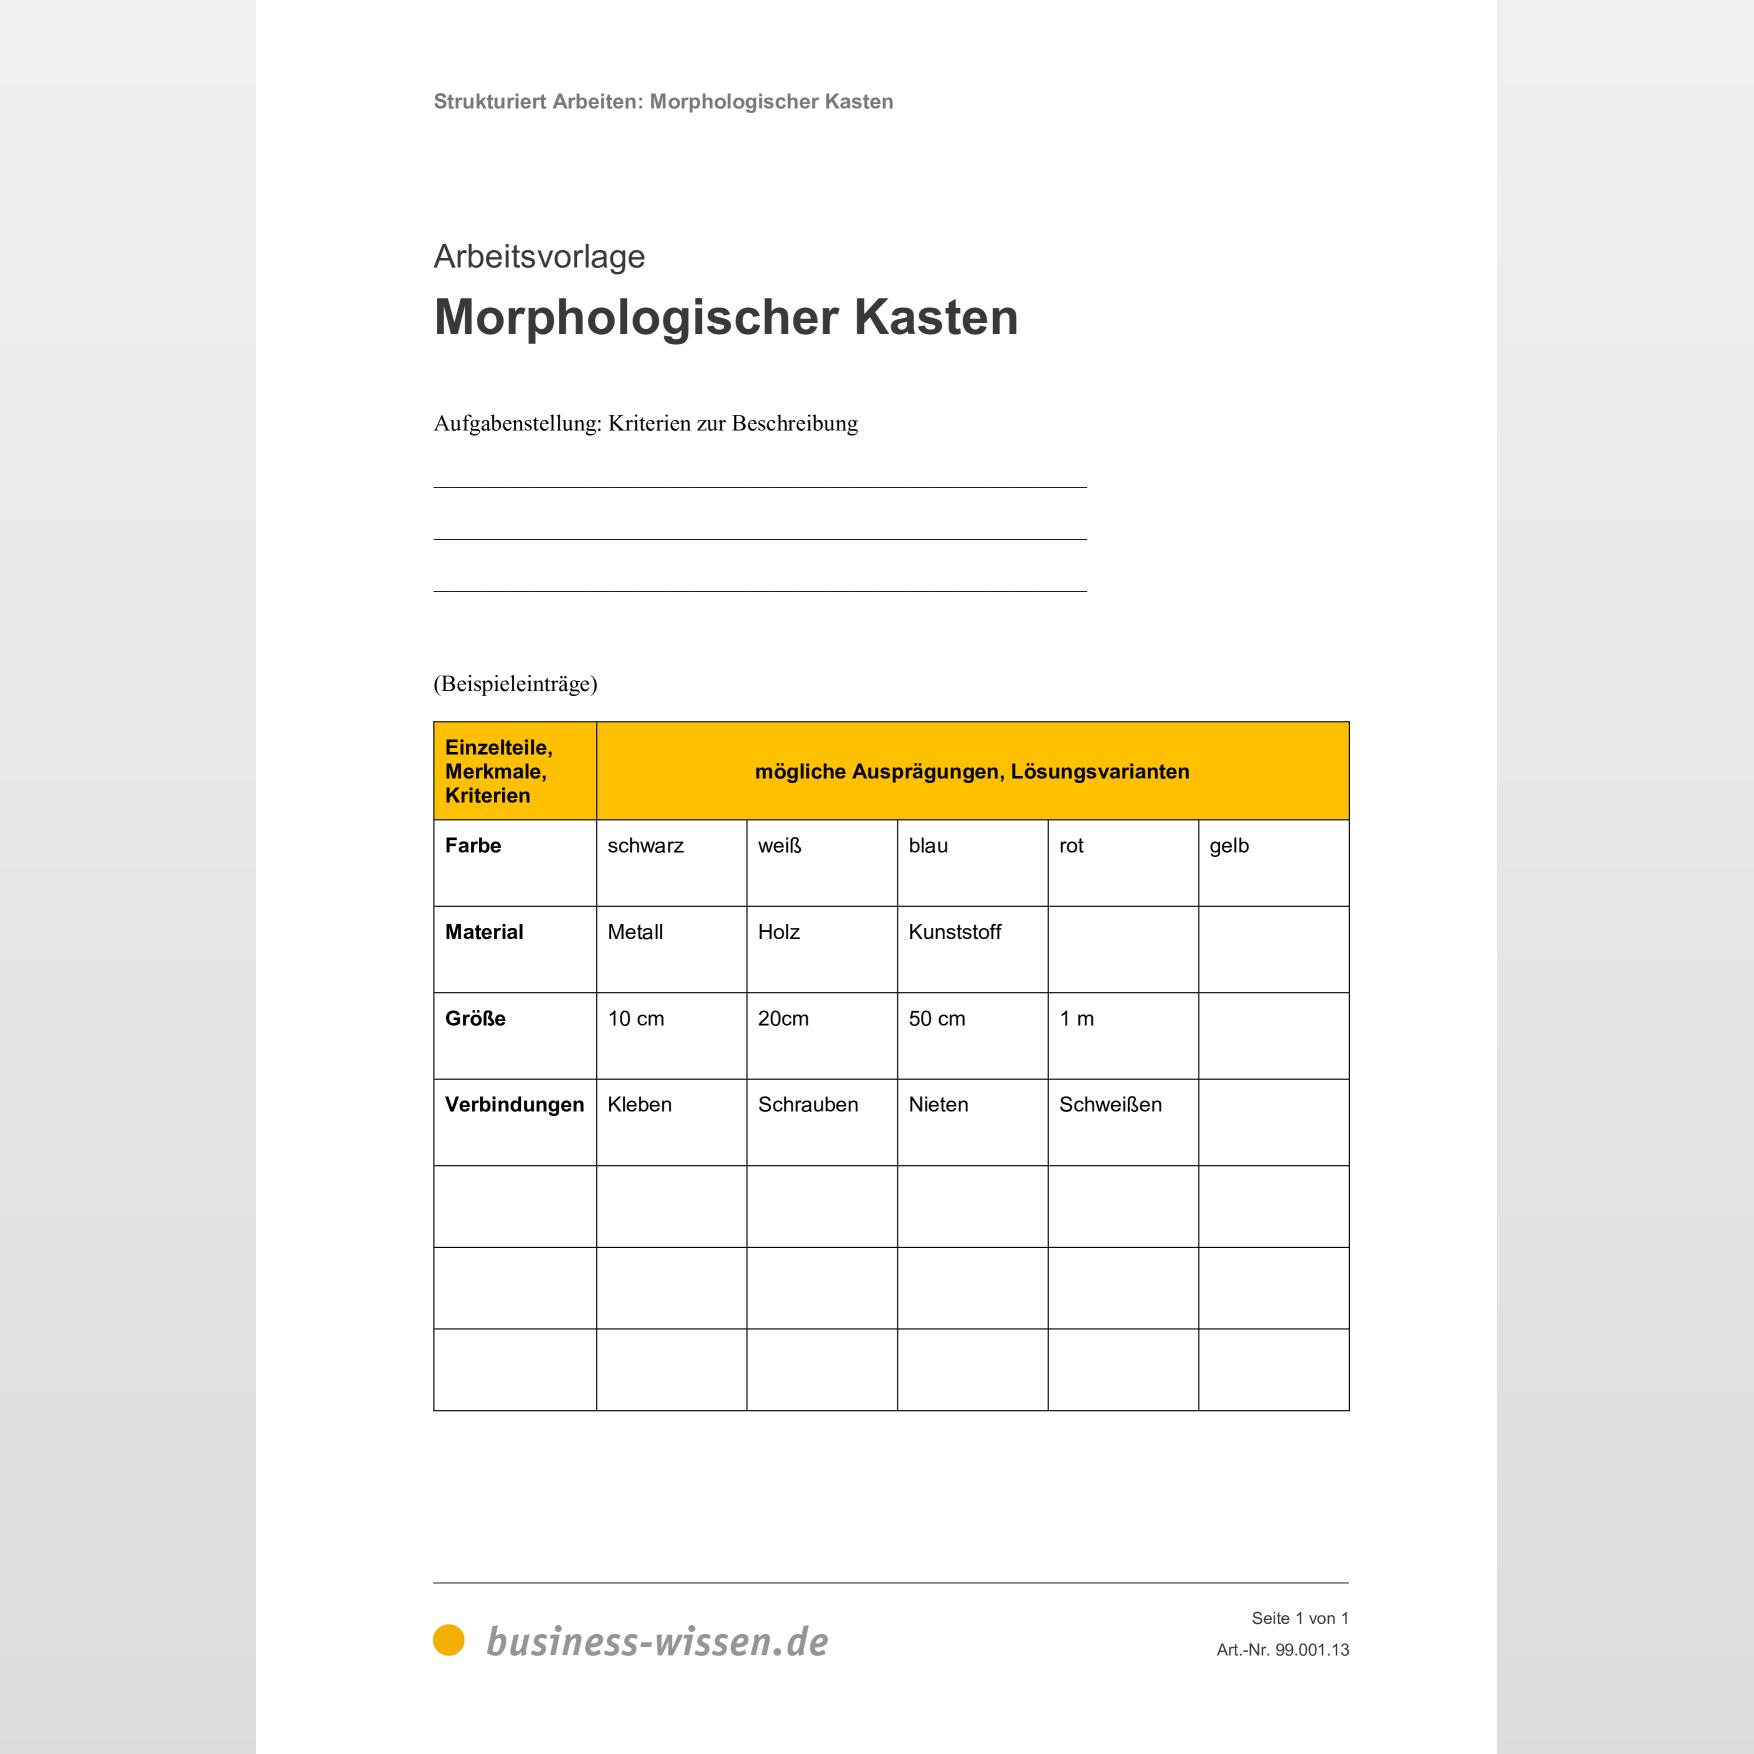 Linienprofil Morphologischer Kasten Office Loesung De